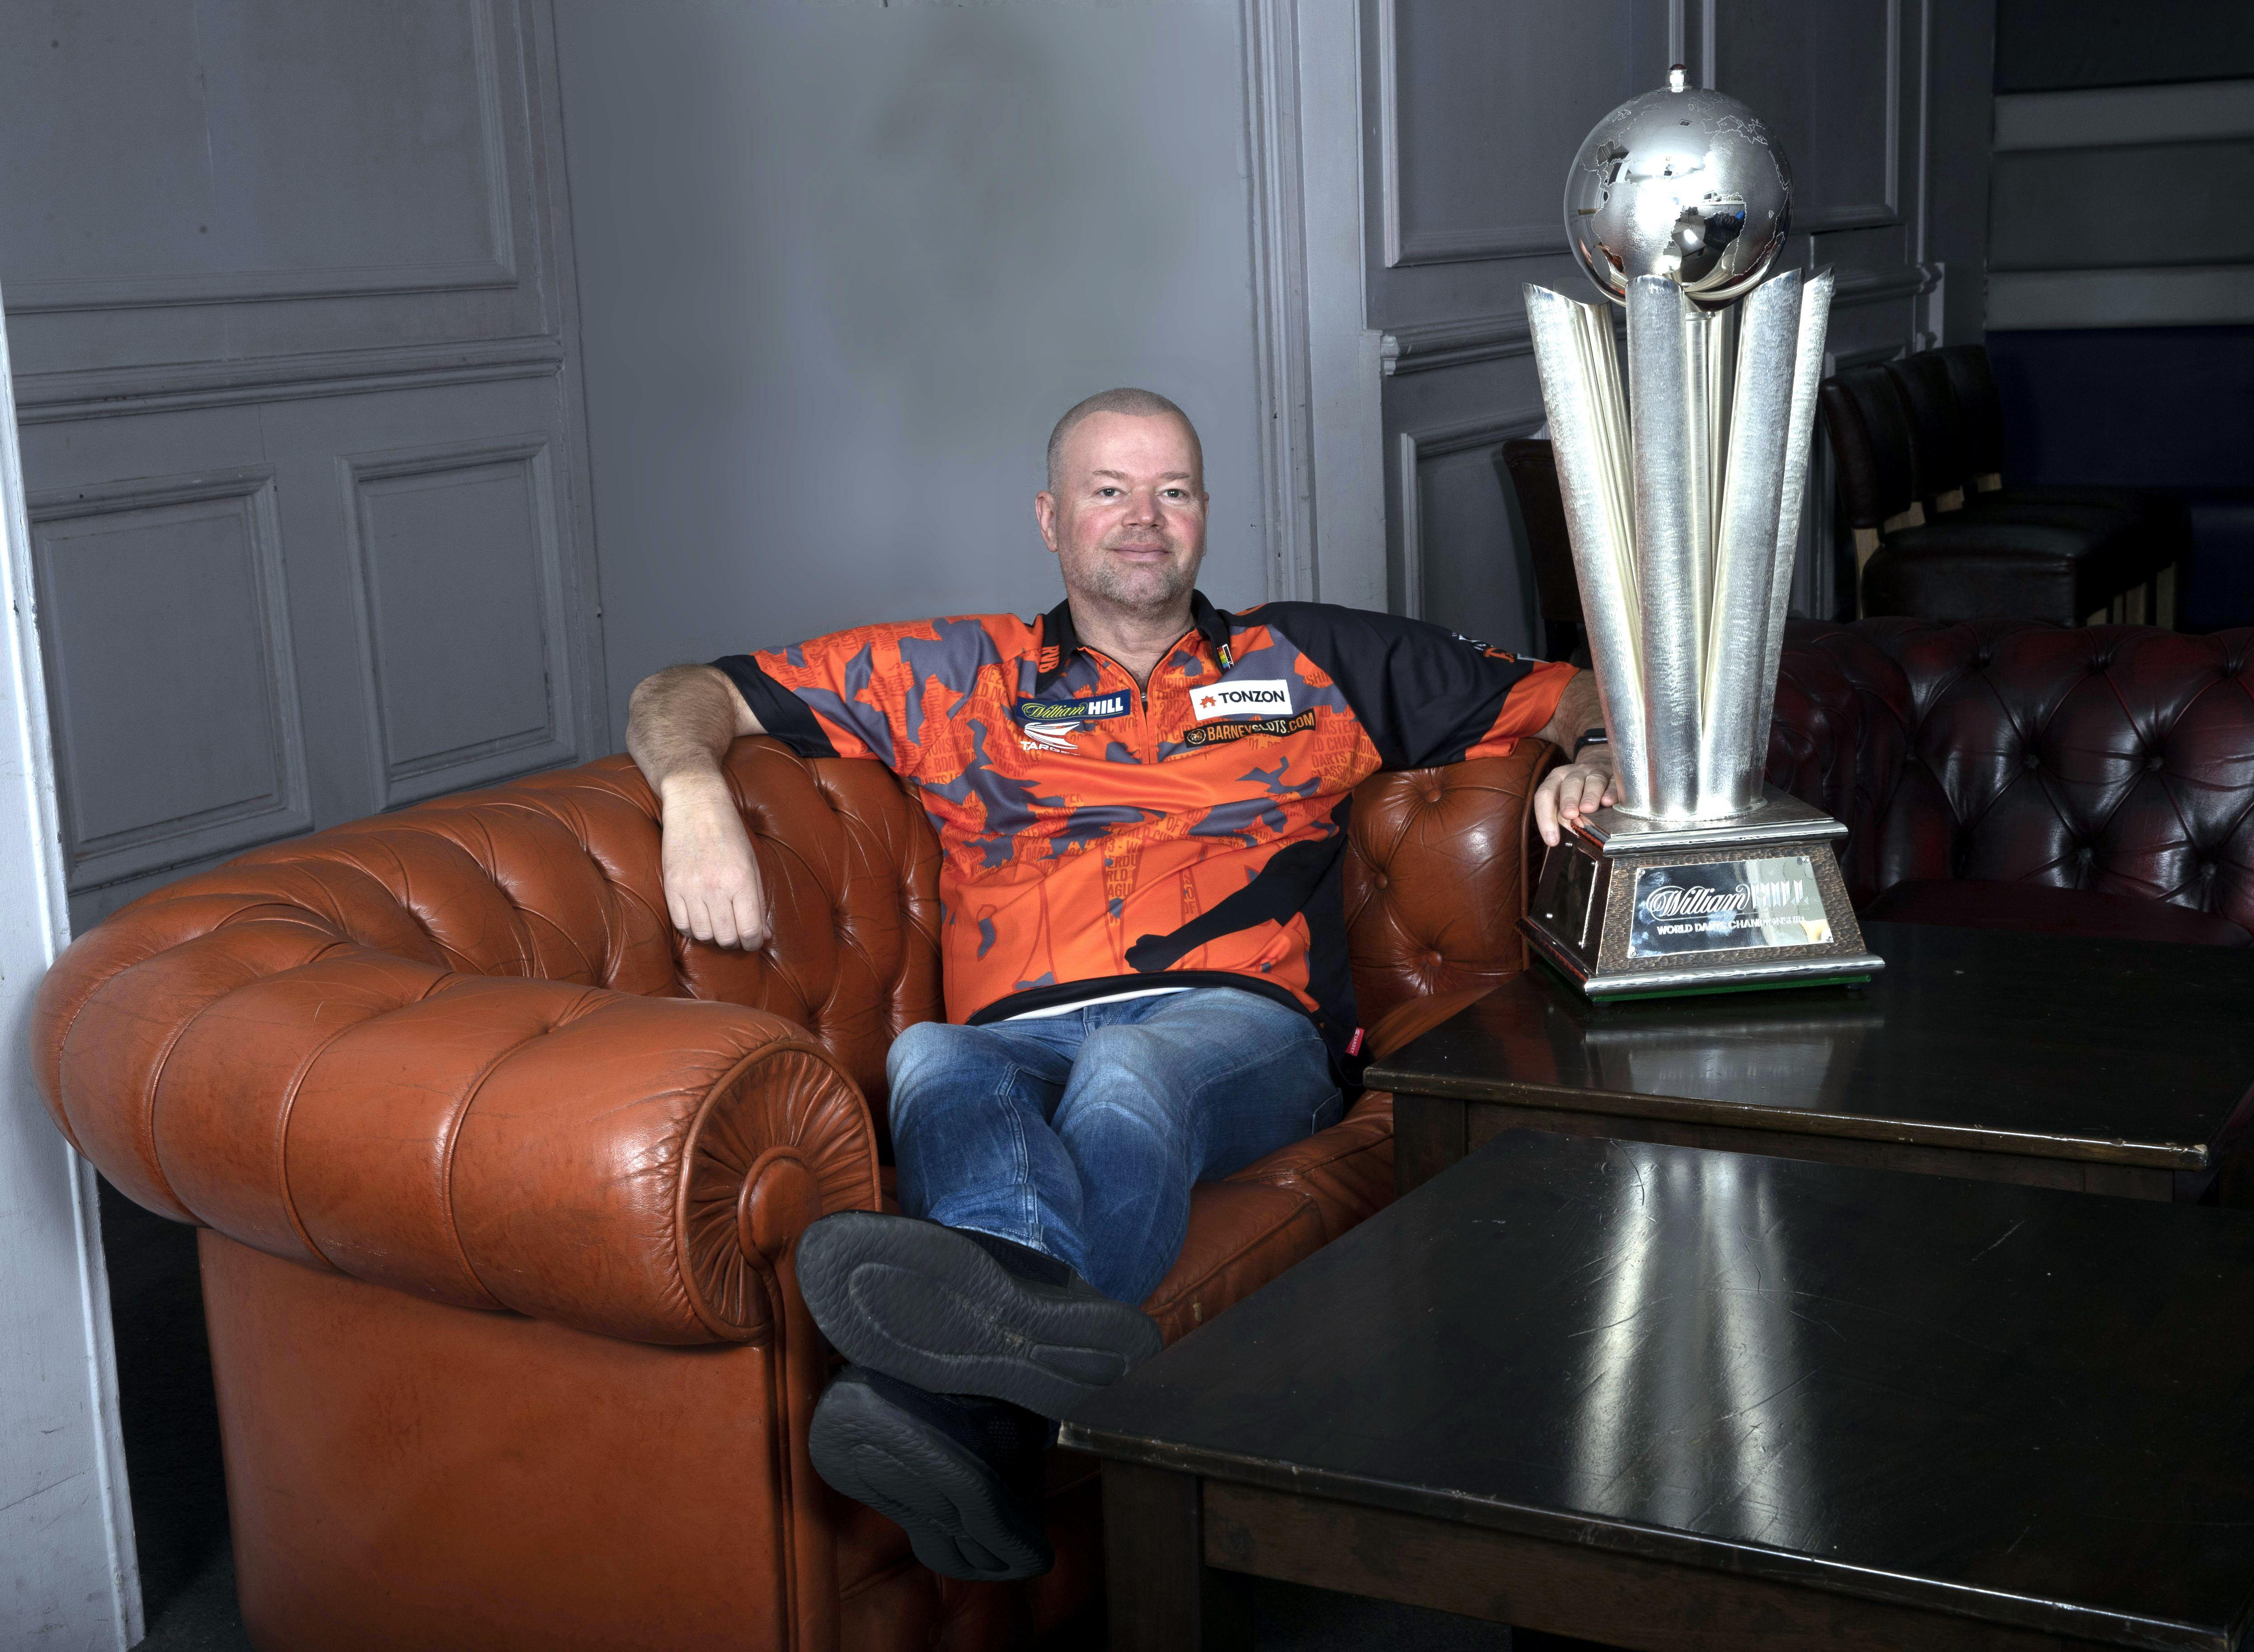 Raymond van Barneveld wünscht sich den WM-Pokal zum Abschied